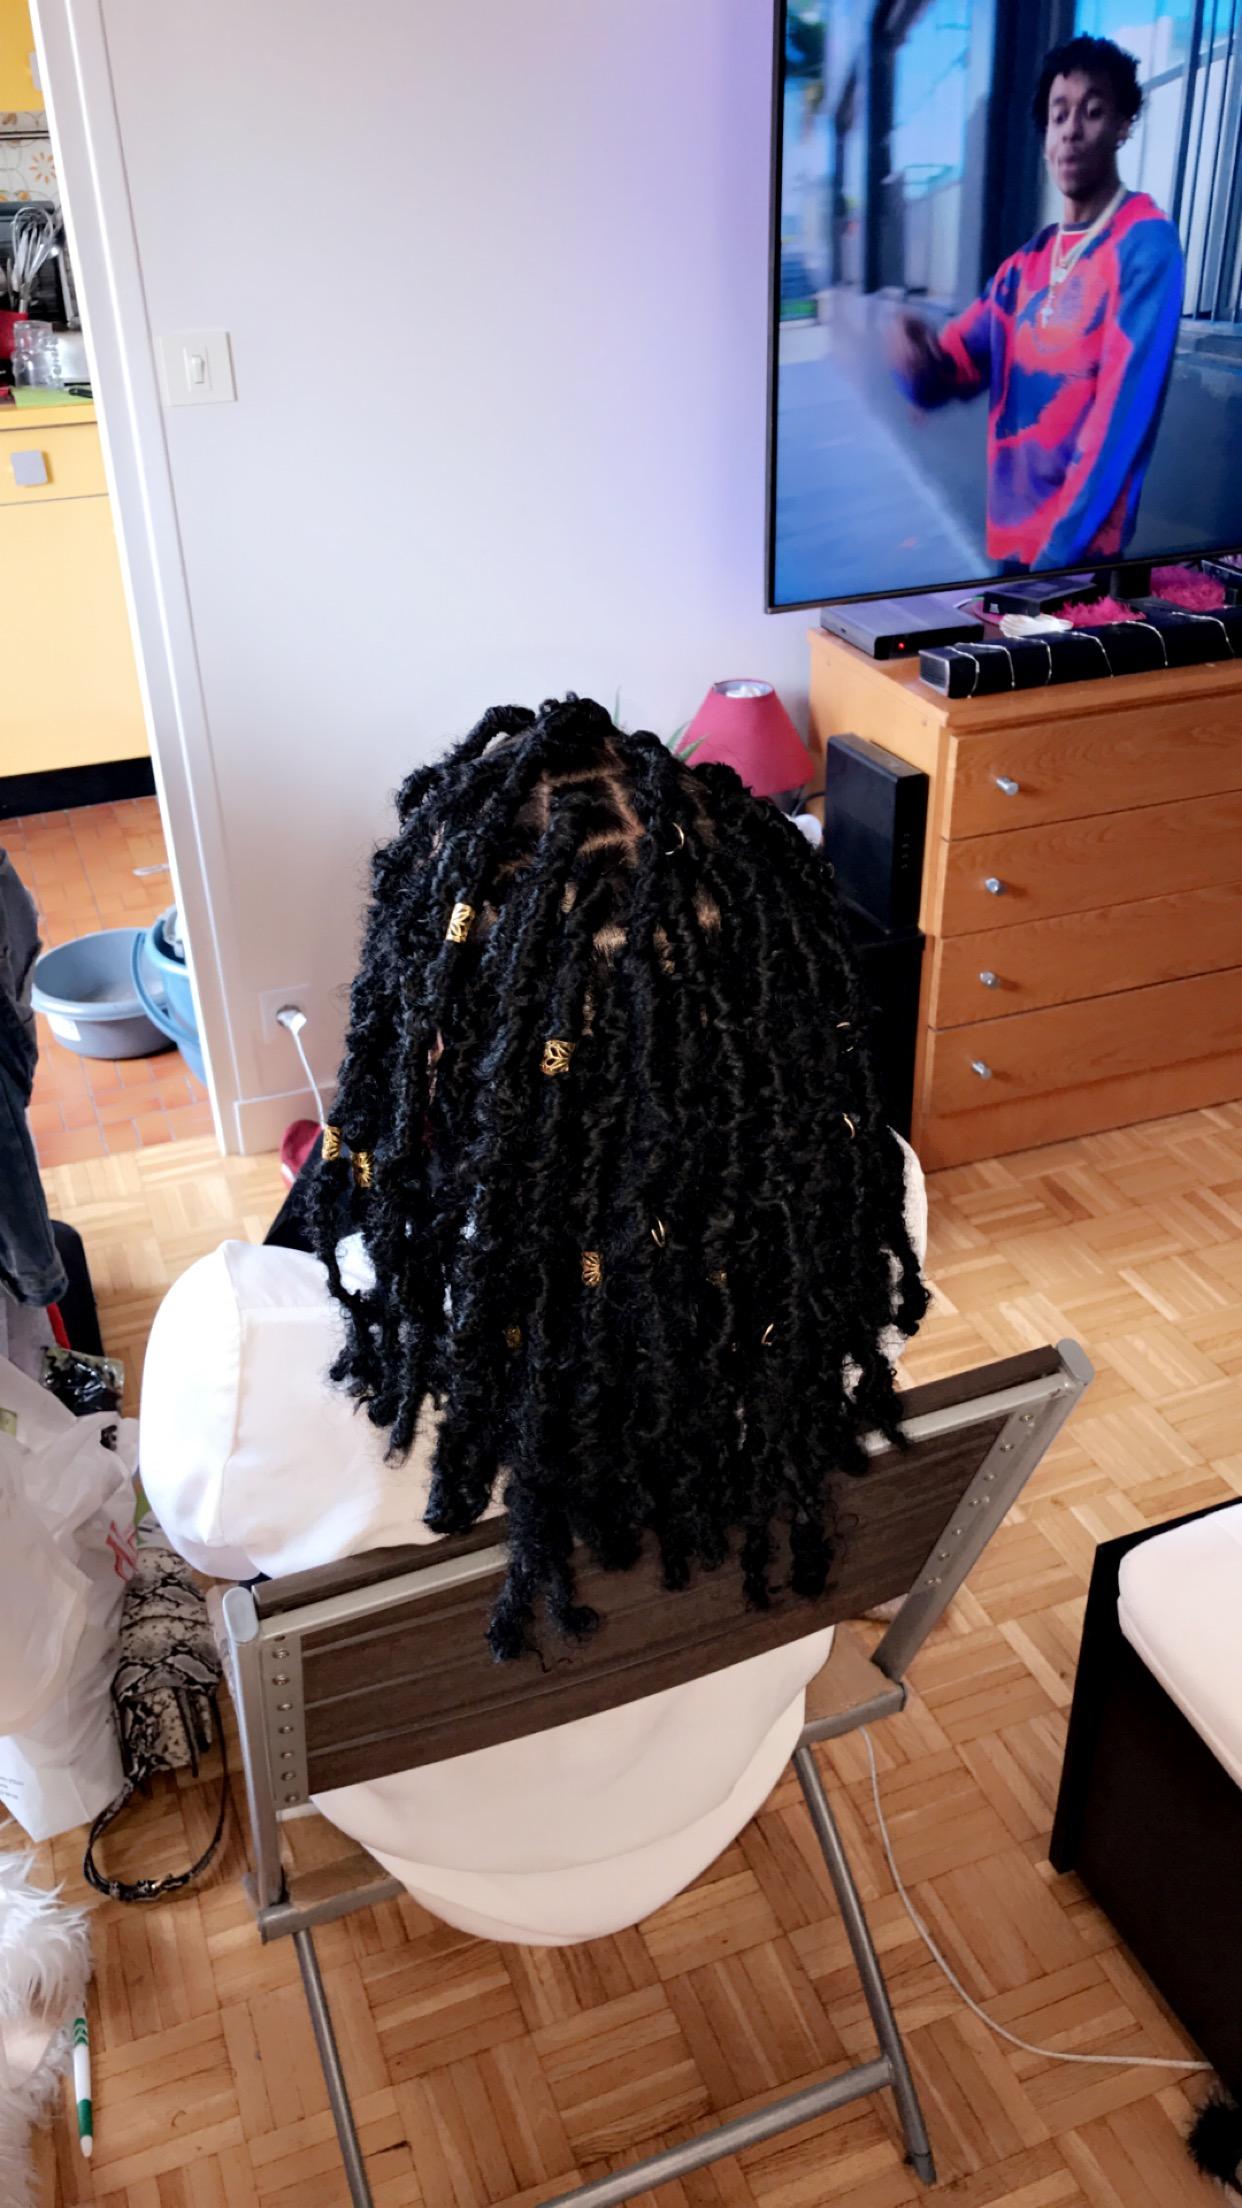 salon de coiffure afro tresse tresses box braids crochet braids vanilles tissages paris 75 77 78 91 92 93 94 95 UUTESWKC